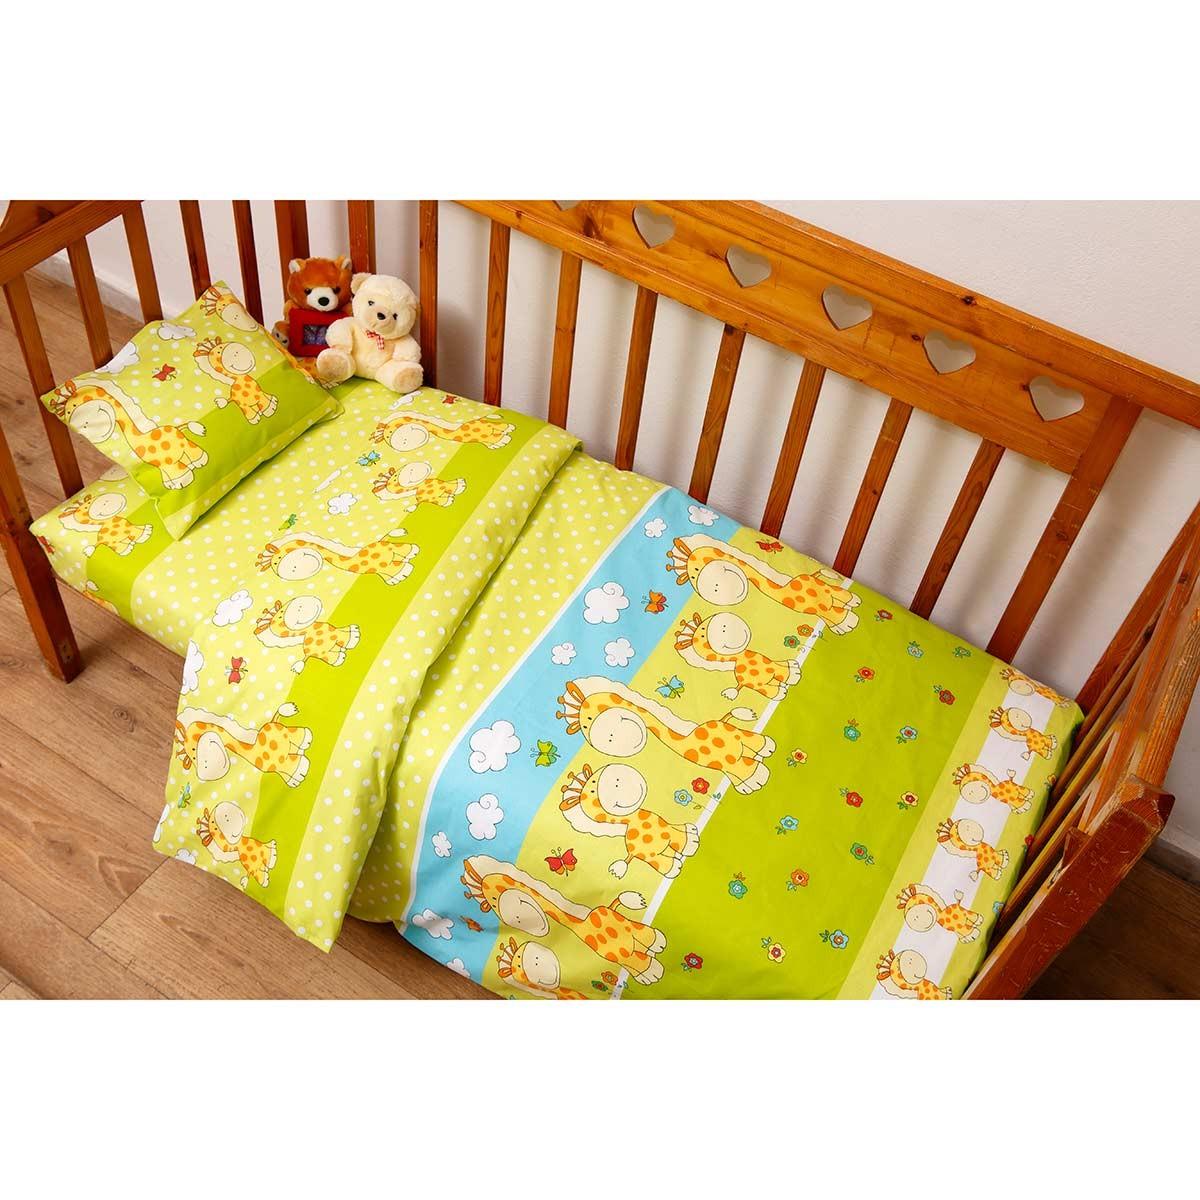 Σεντόνια Λίκνου (Σετ) Viopros Baby Cotton Ραφαέλ